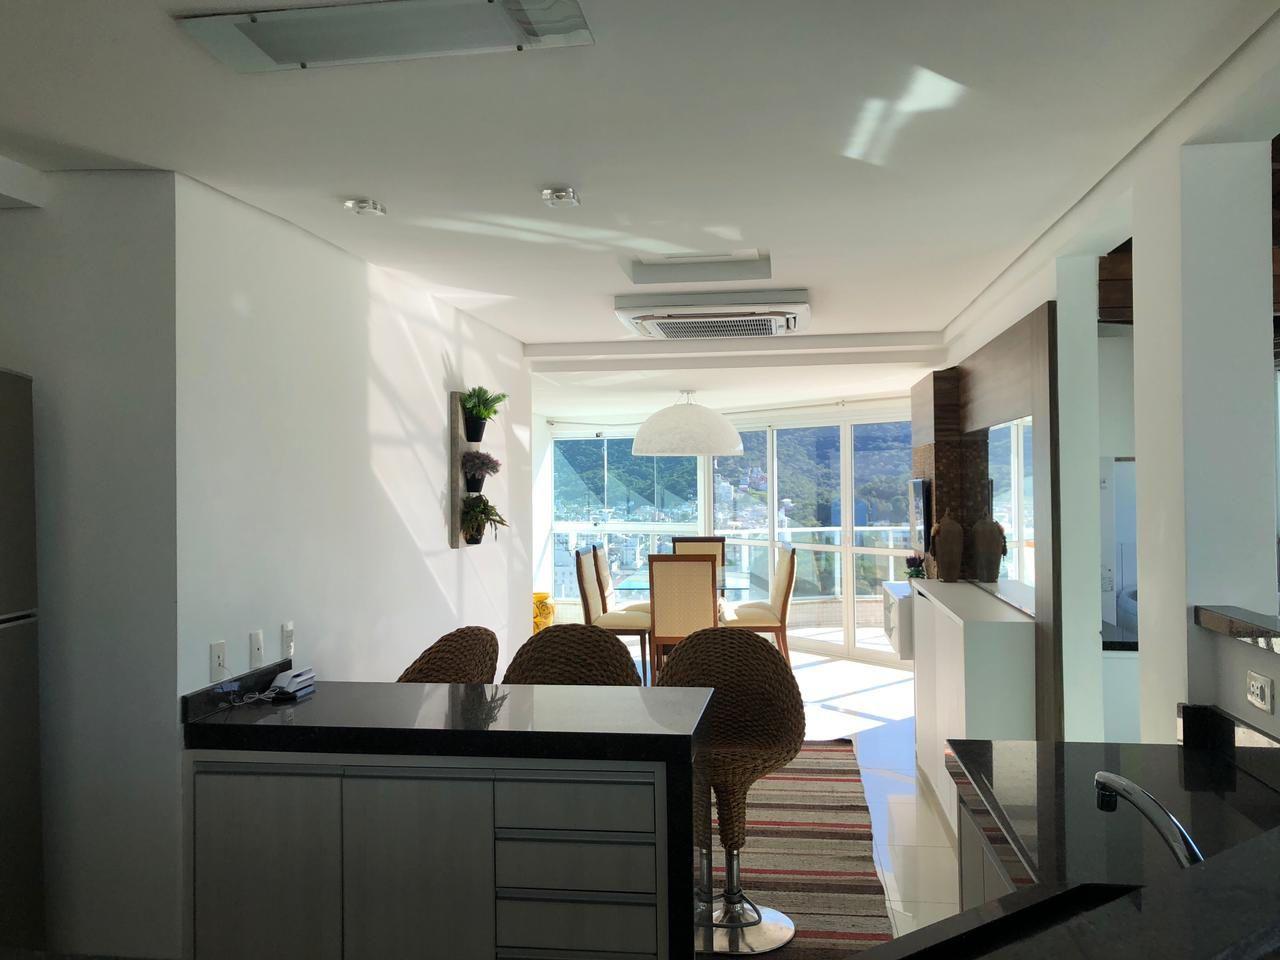 Cobertura Duplex Mobiliada com Piscina Exclusiva na Barra Norte de Balneário Camboriu